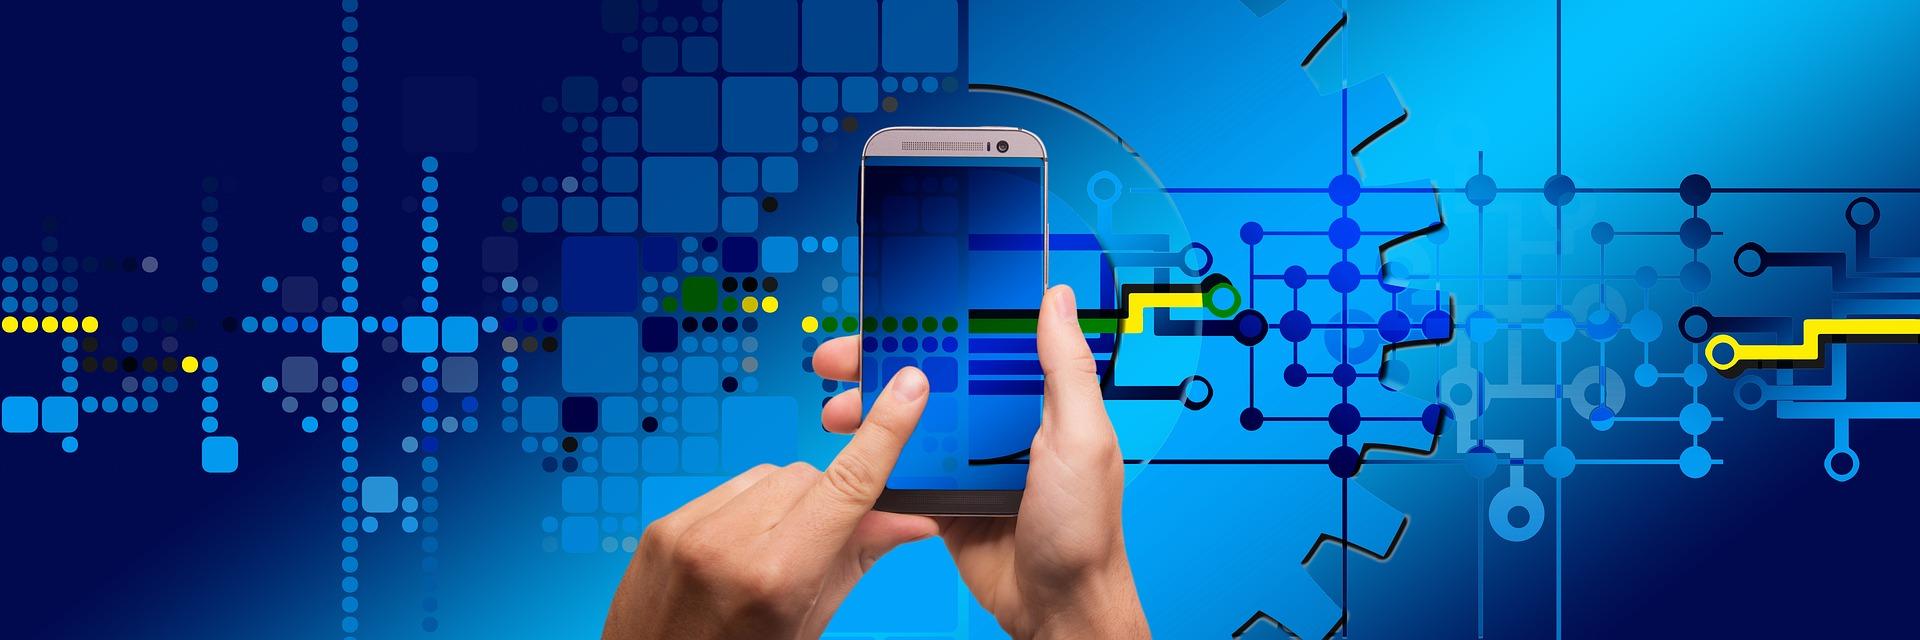 Inversión en transformación digital en Europa superará los 378.000 millones en 2022